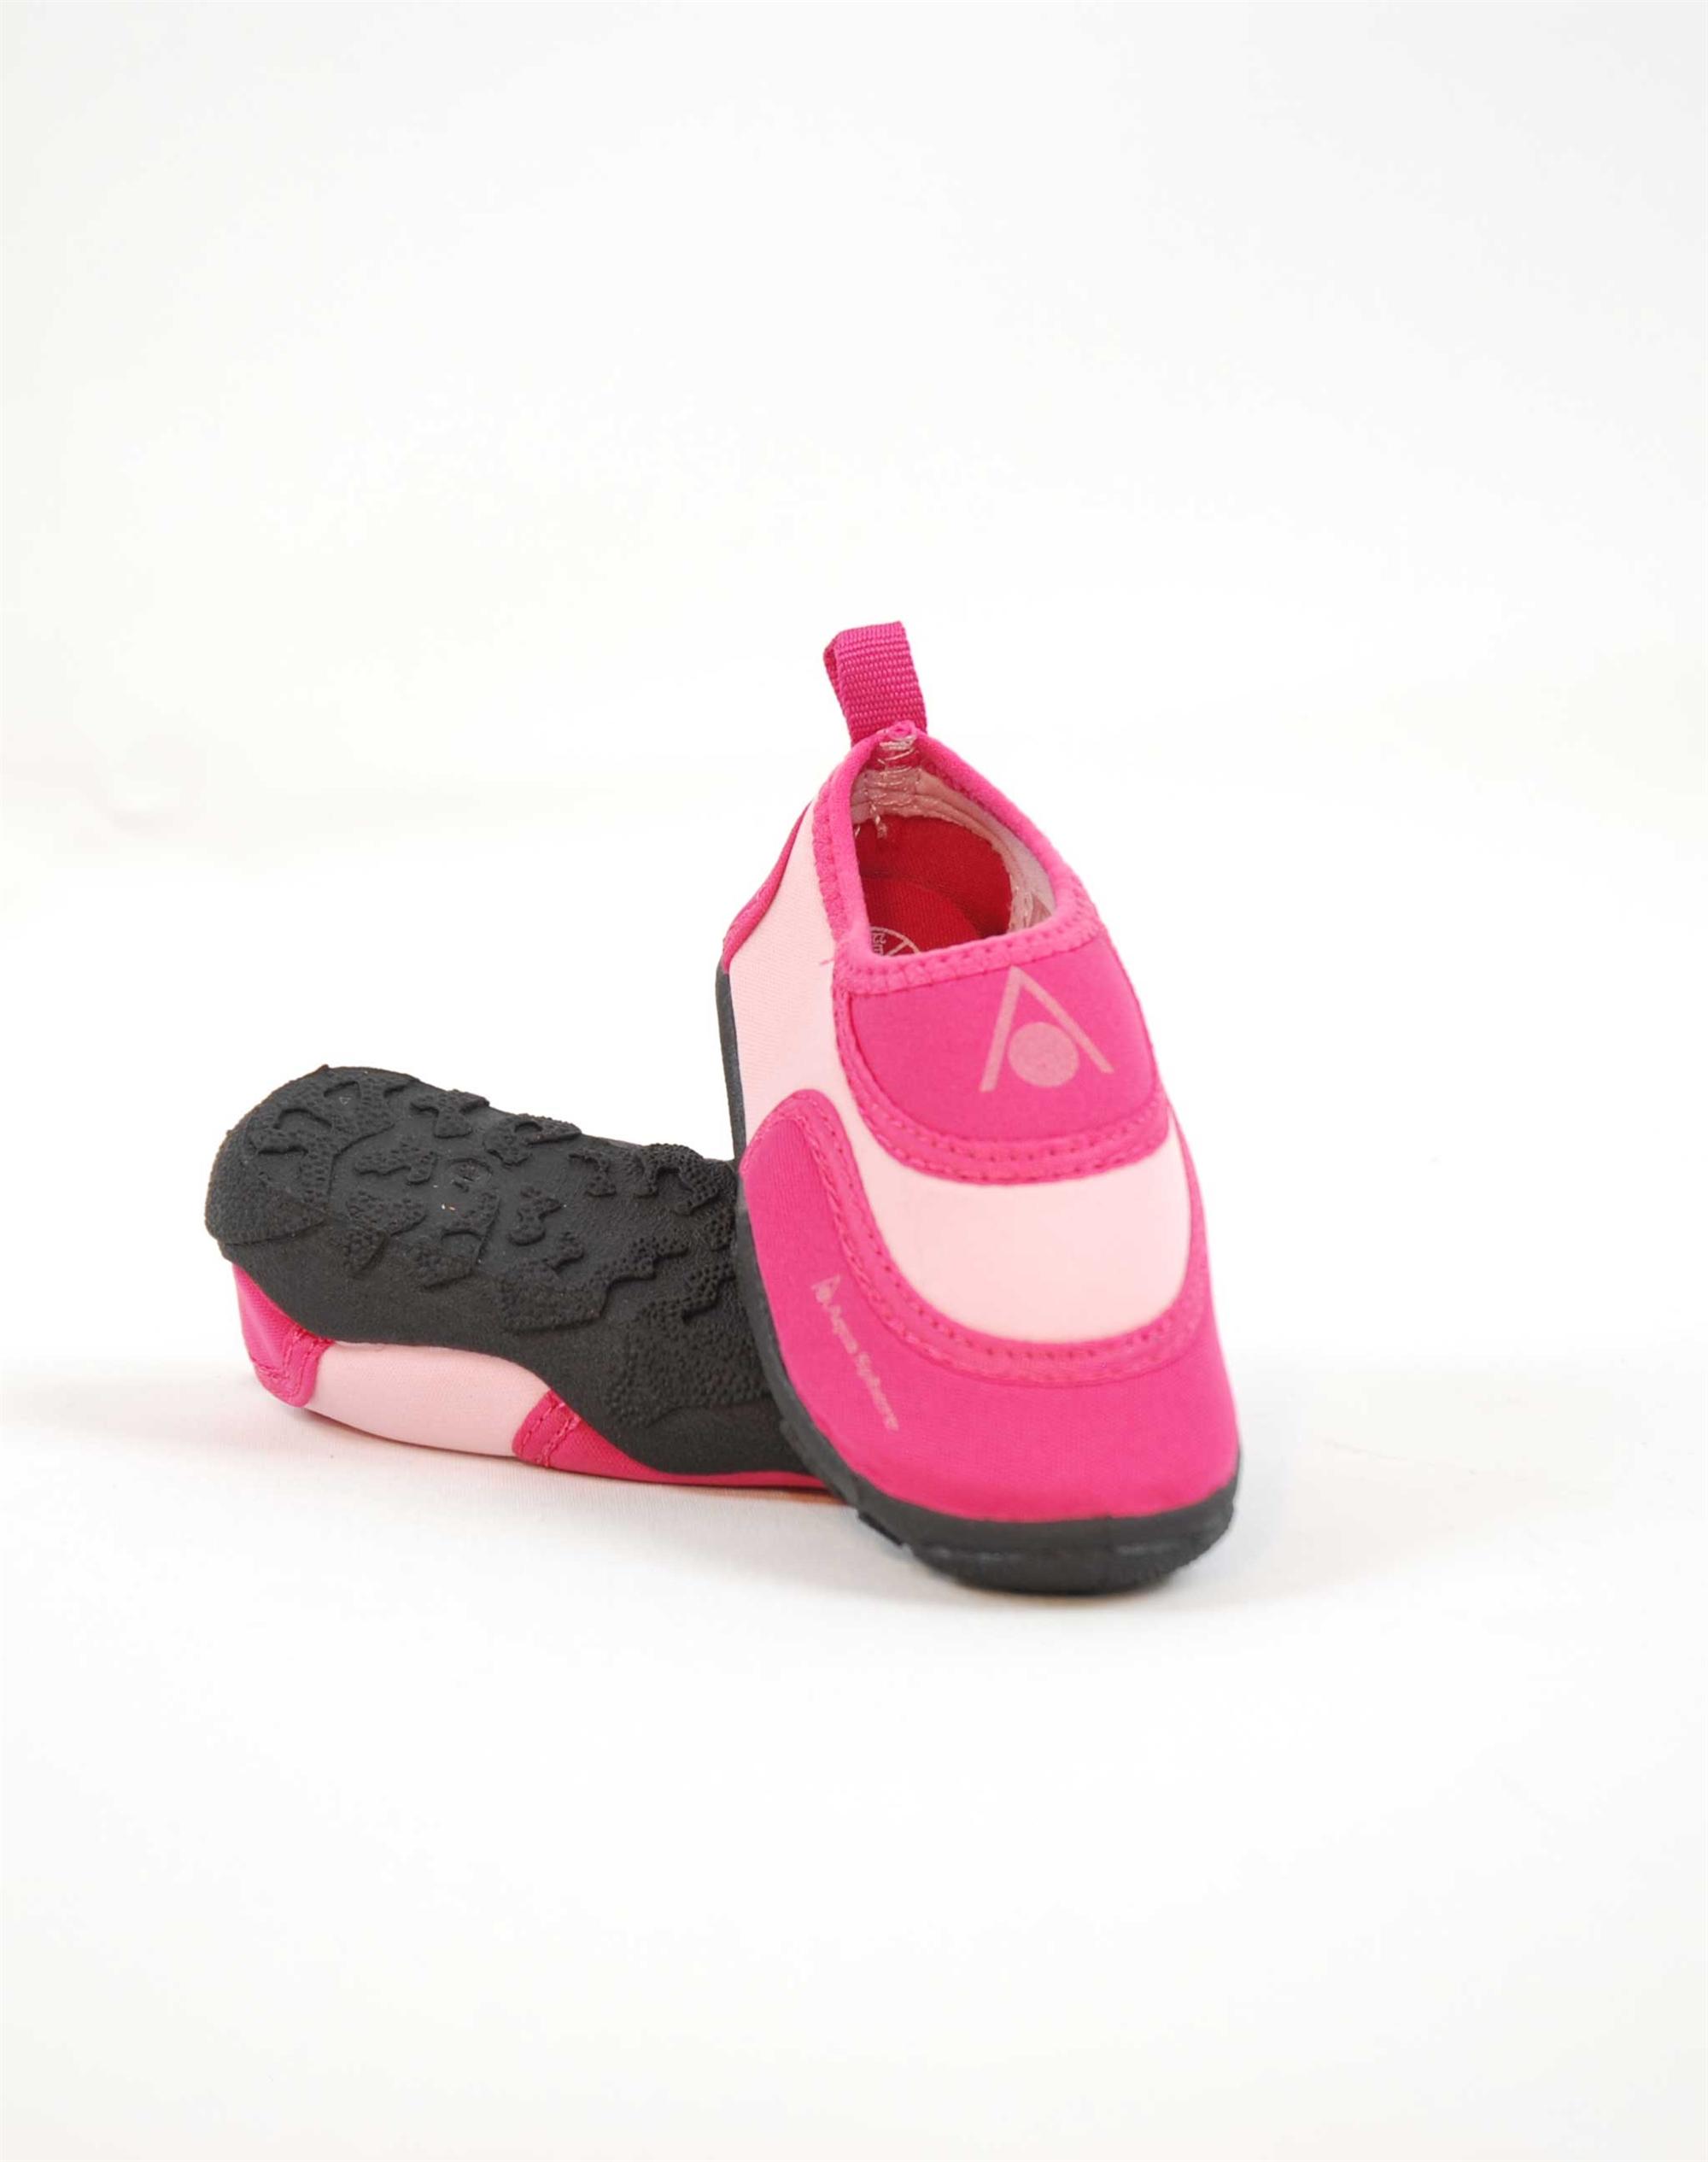 cc4726d12 Aqualung badesko pink Beachwalker Kid pige